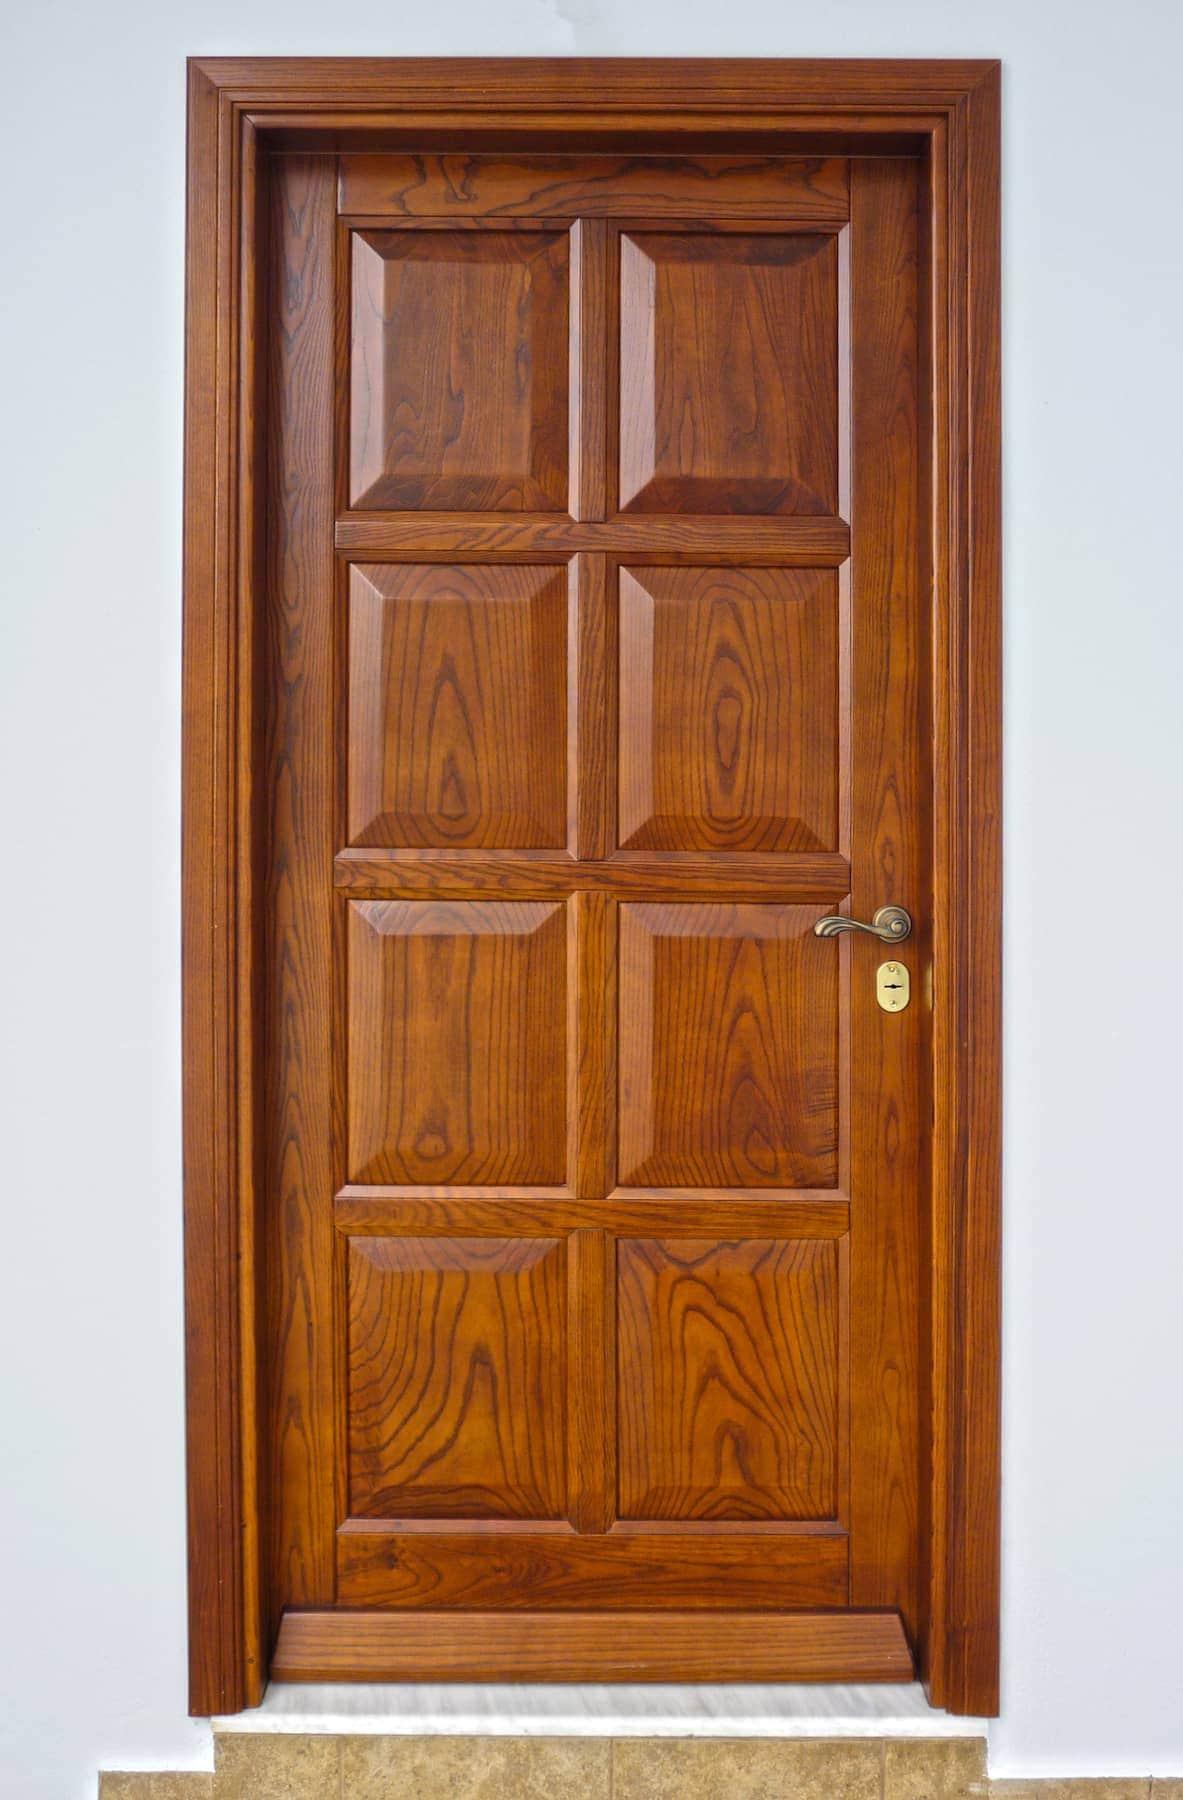 ξύλινη εξώπορτα παραδοσιακή με κλείδωμα τριών σημείων